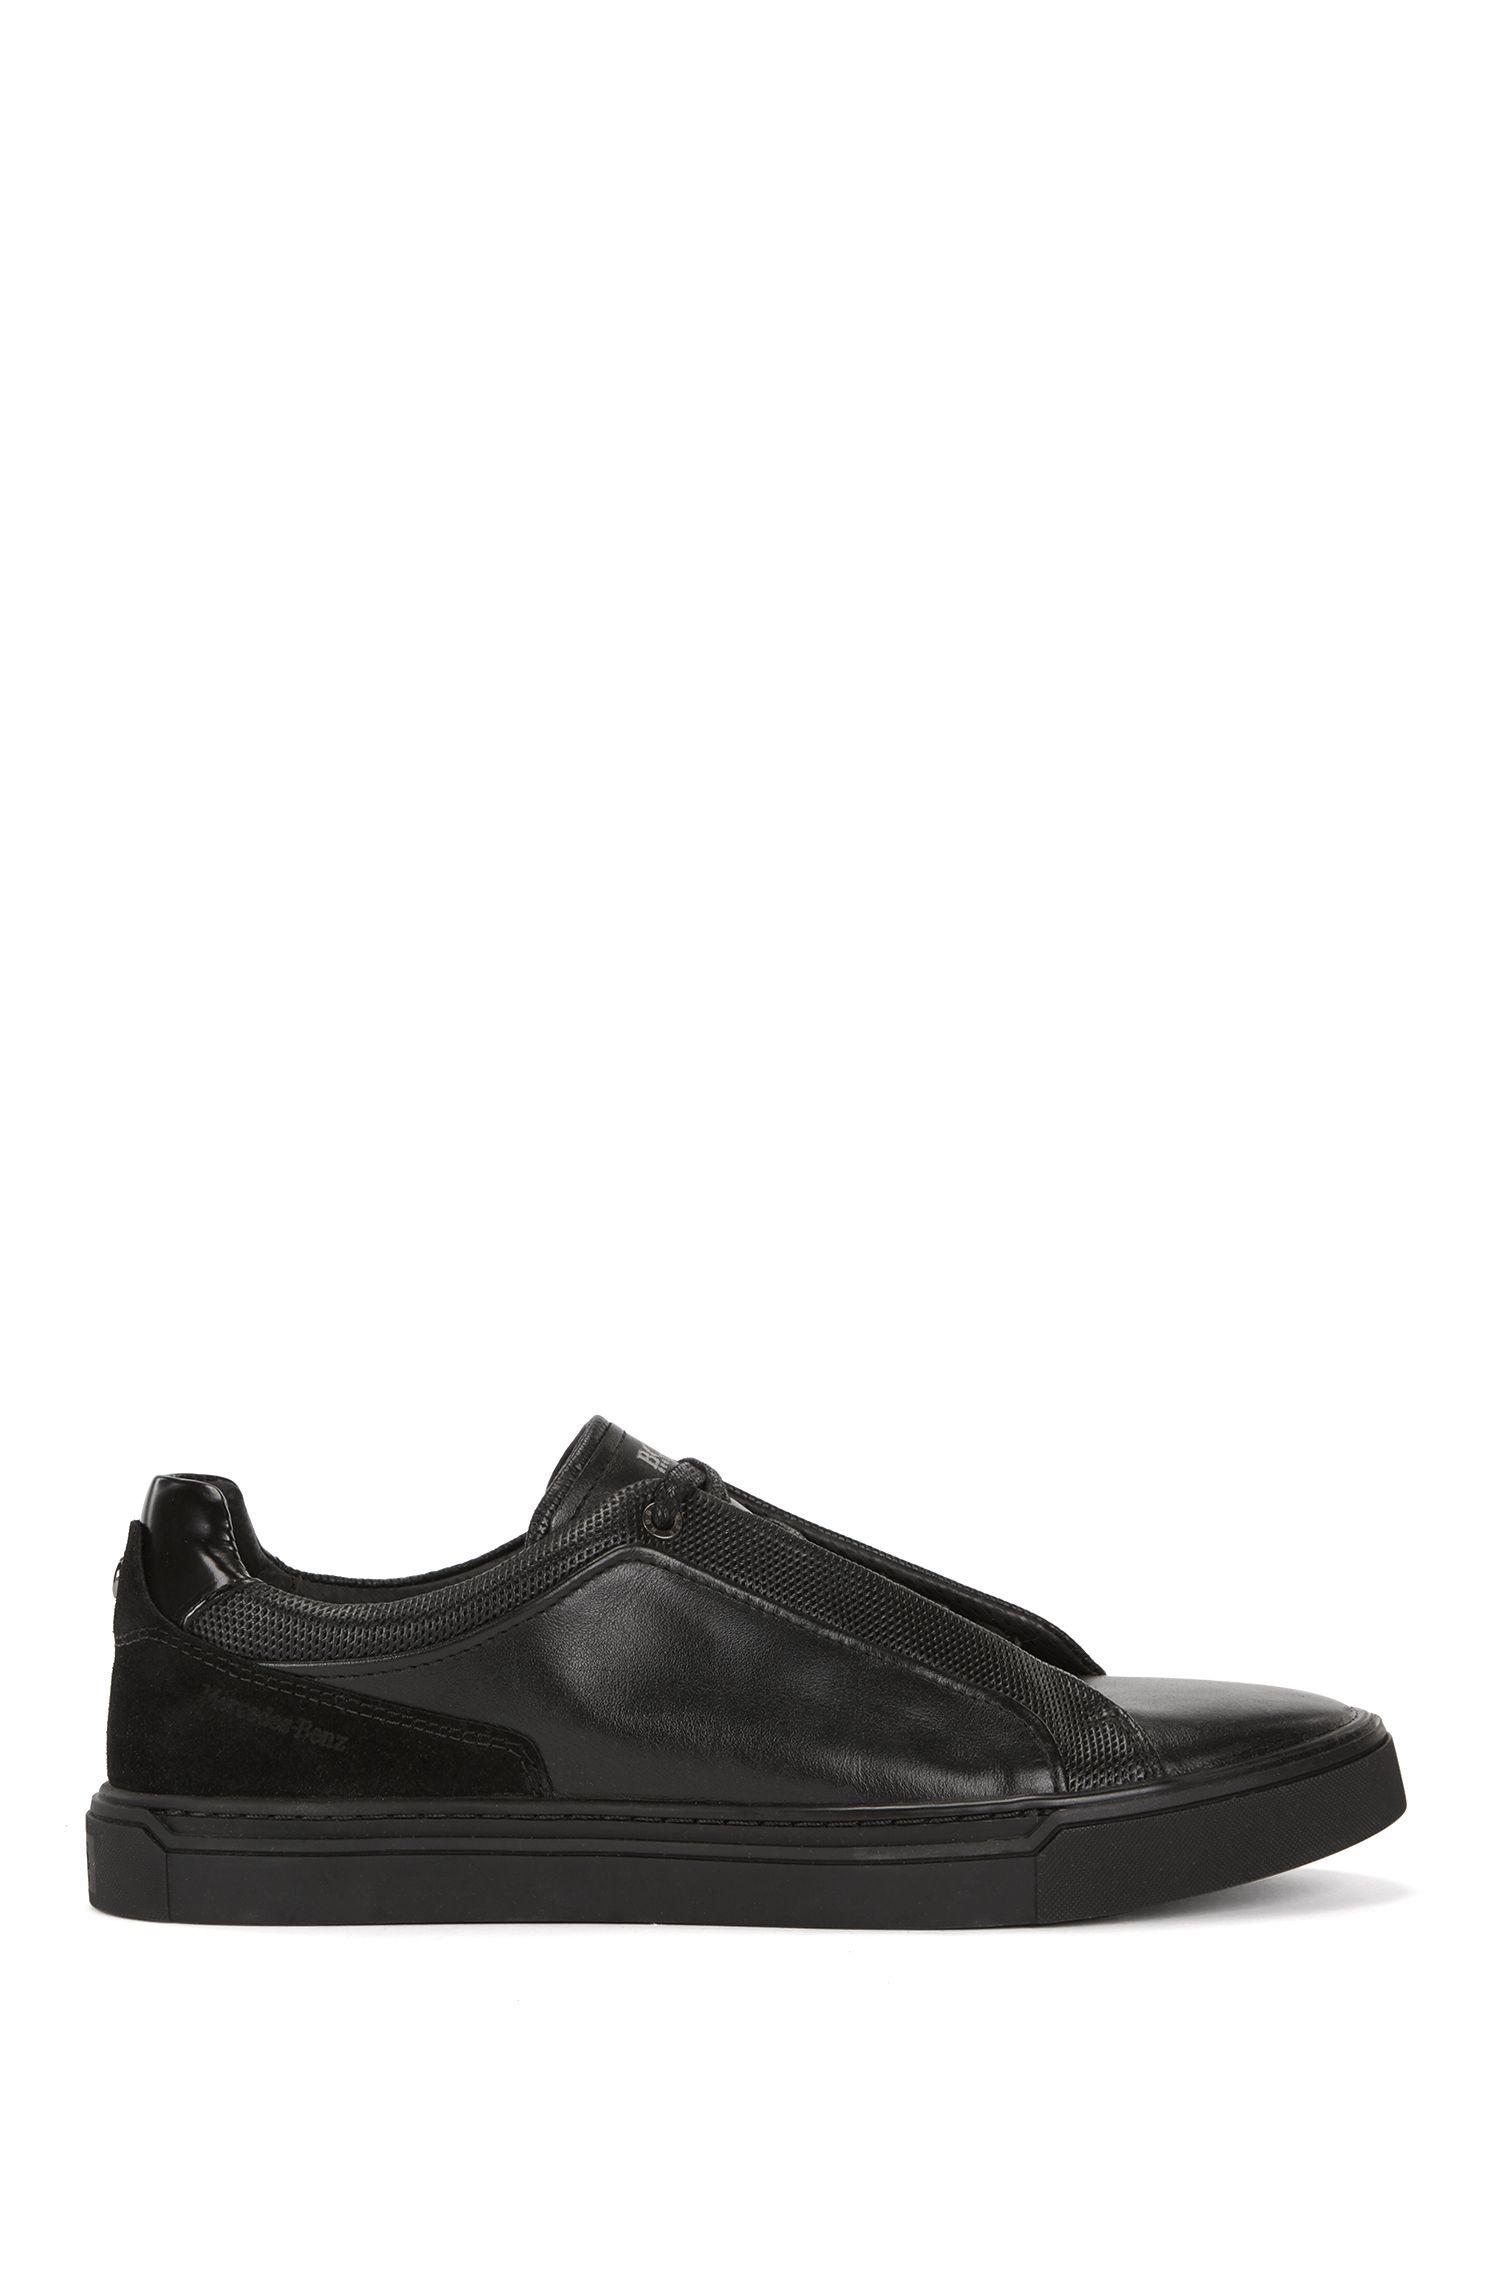 Sneakers aus Glatt- und Veloursleder aus der Mercedes-Benz Kollektion